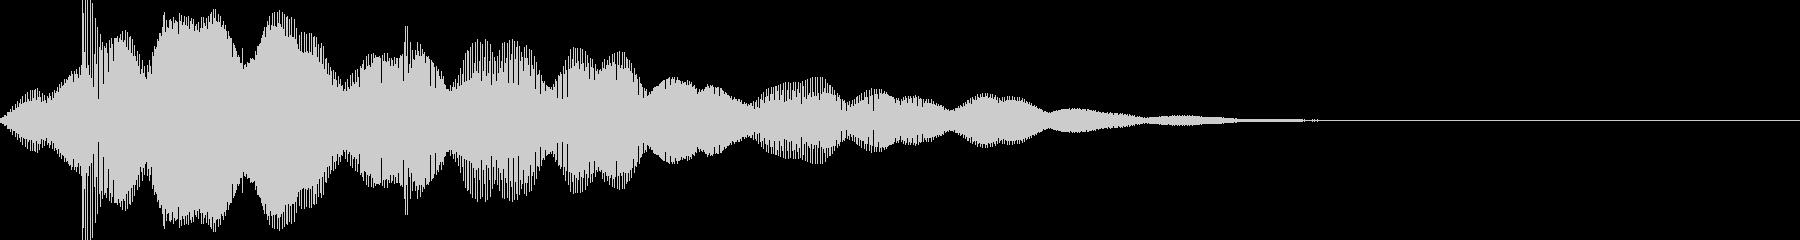 サウンドロゴ49_シンセの未再生の波形